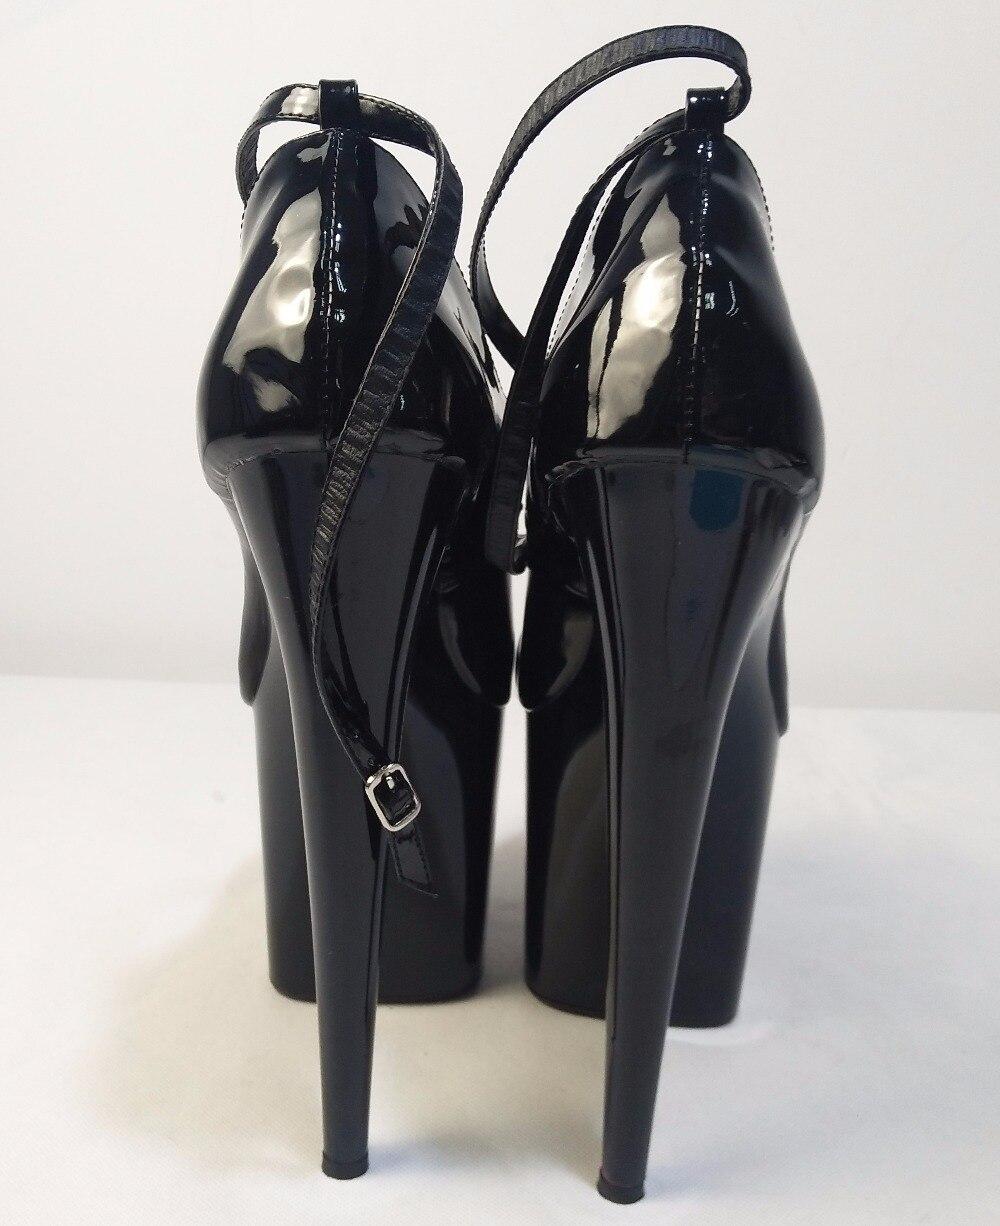 2018 Etapa Un Yardas Las verano Del Nocturno Negro 20 Primavera De Zapatos Club Cm Pulgadas Solo Bombas Altos Mujeres 8 Talones Diseñador Súper Gran Tq51H1Cw